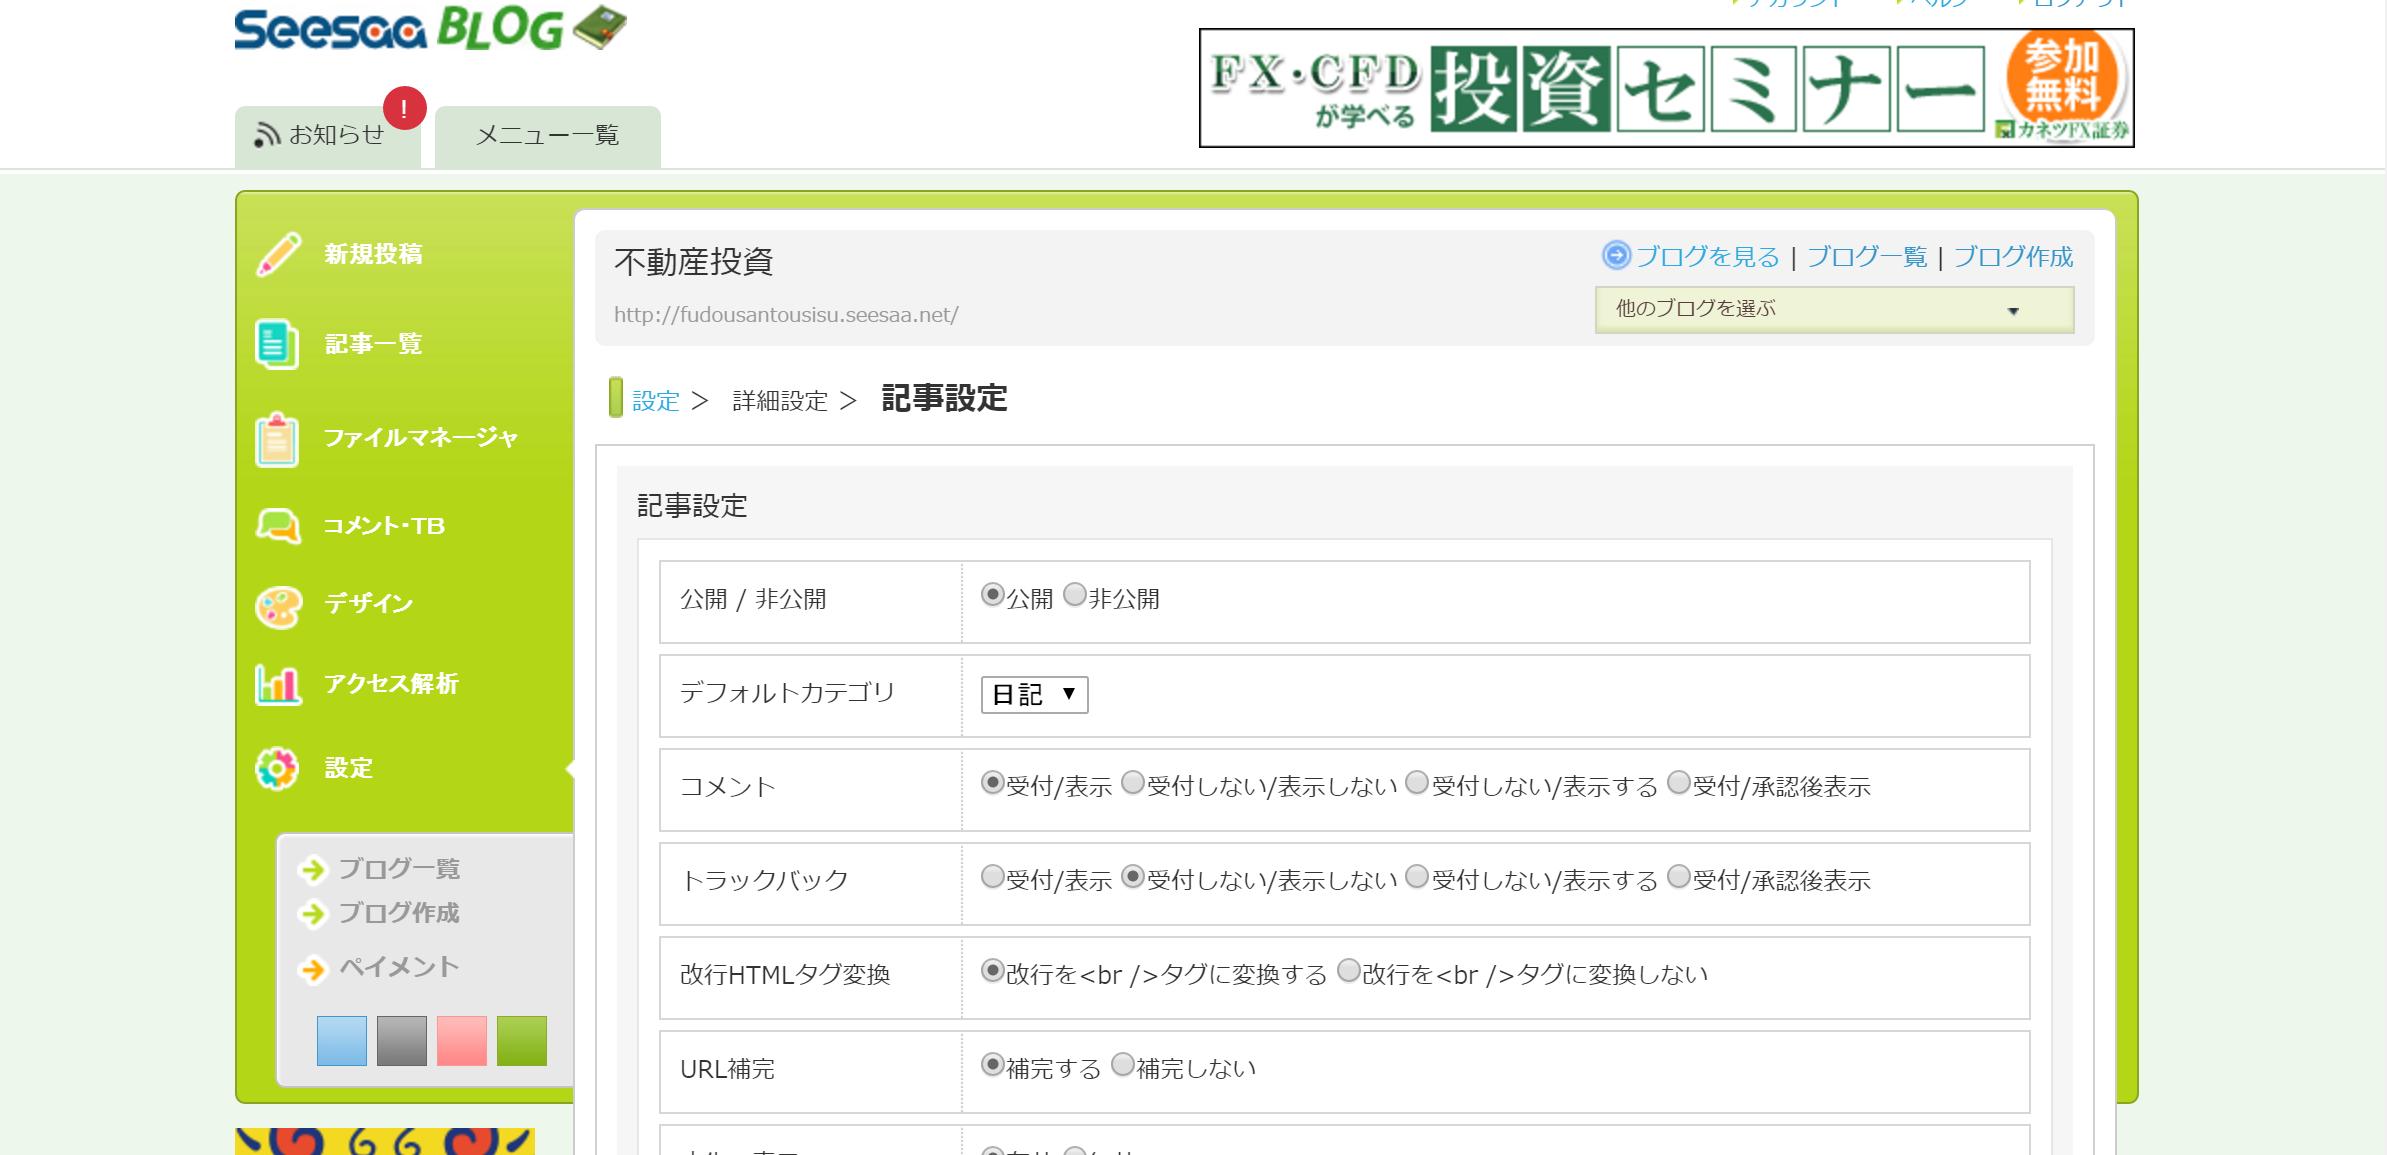 seesaaブログ 記事設定